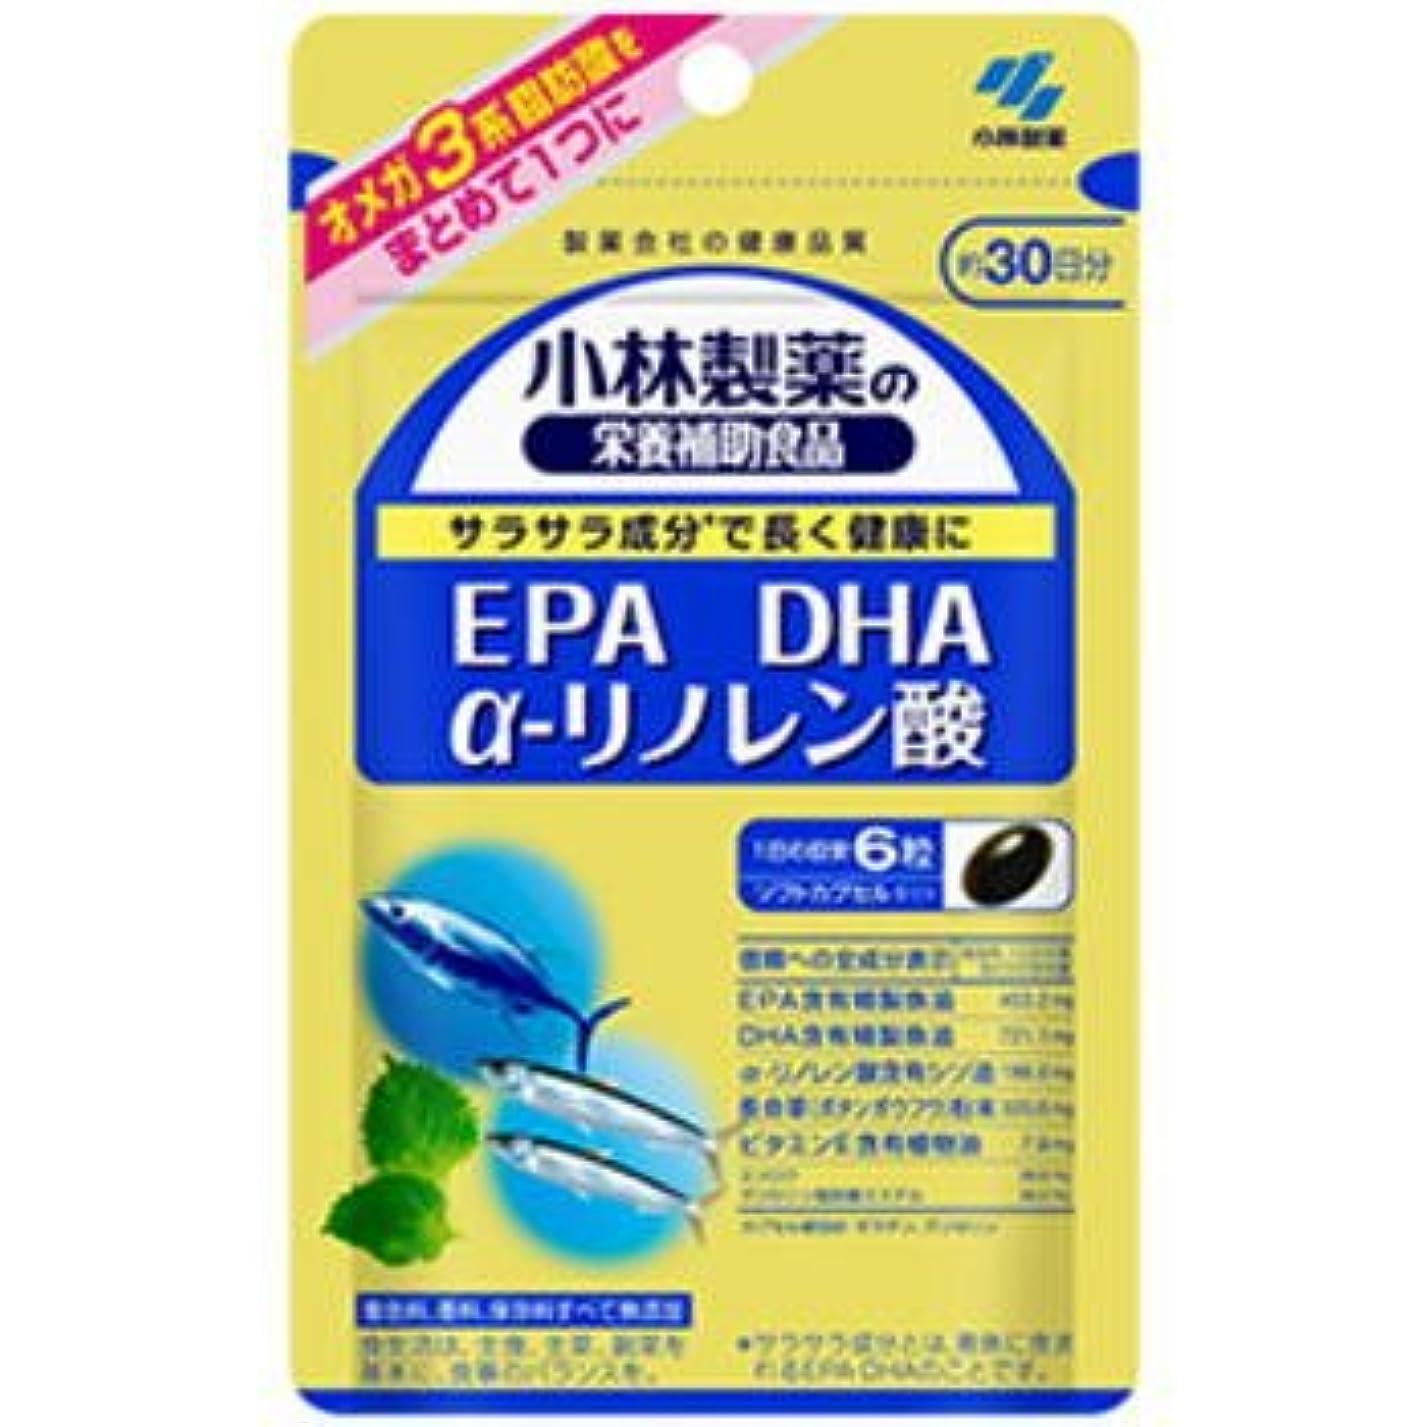 抜本的な内向き親小林製薬 EPA DHA α-リノレン酸 180粒【ネコポス発送】